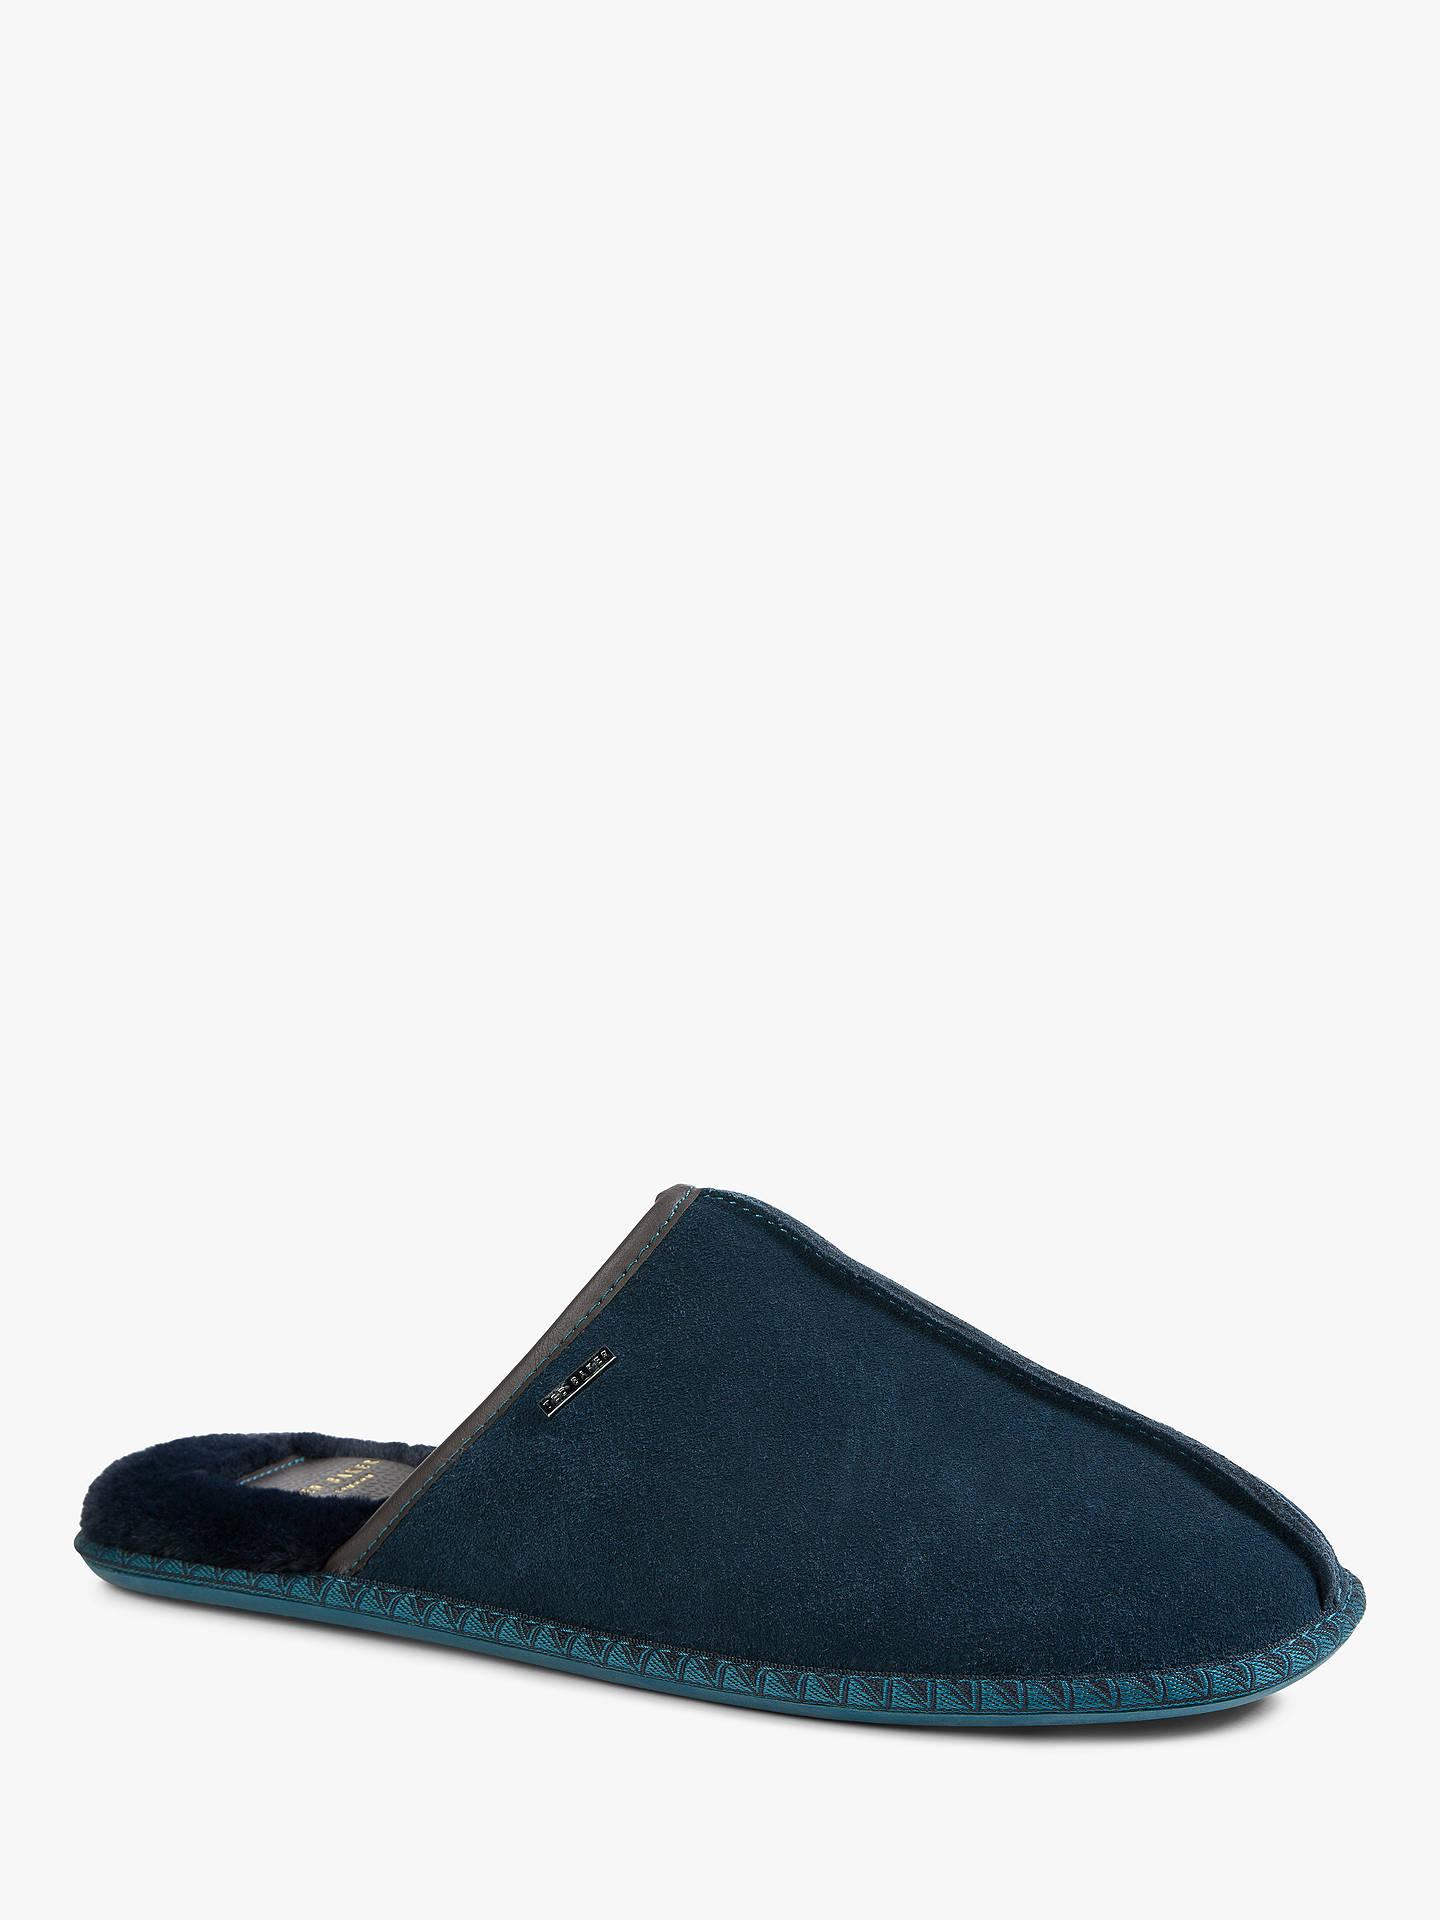 4f3650539 Buy Ted Baker Parick Mule Slippers